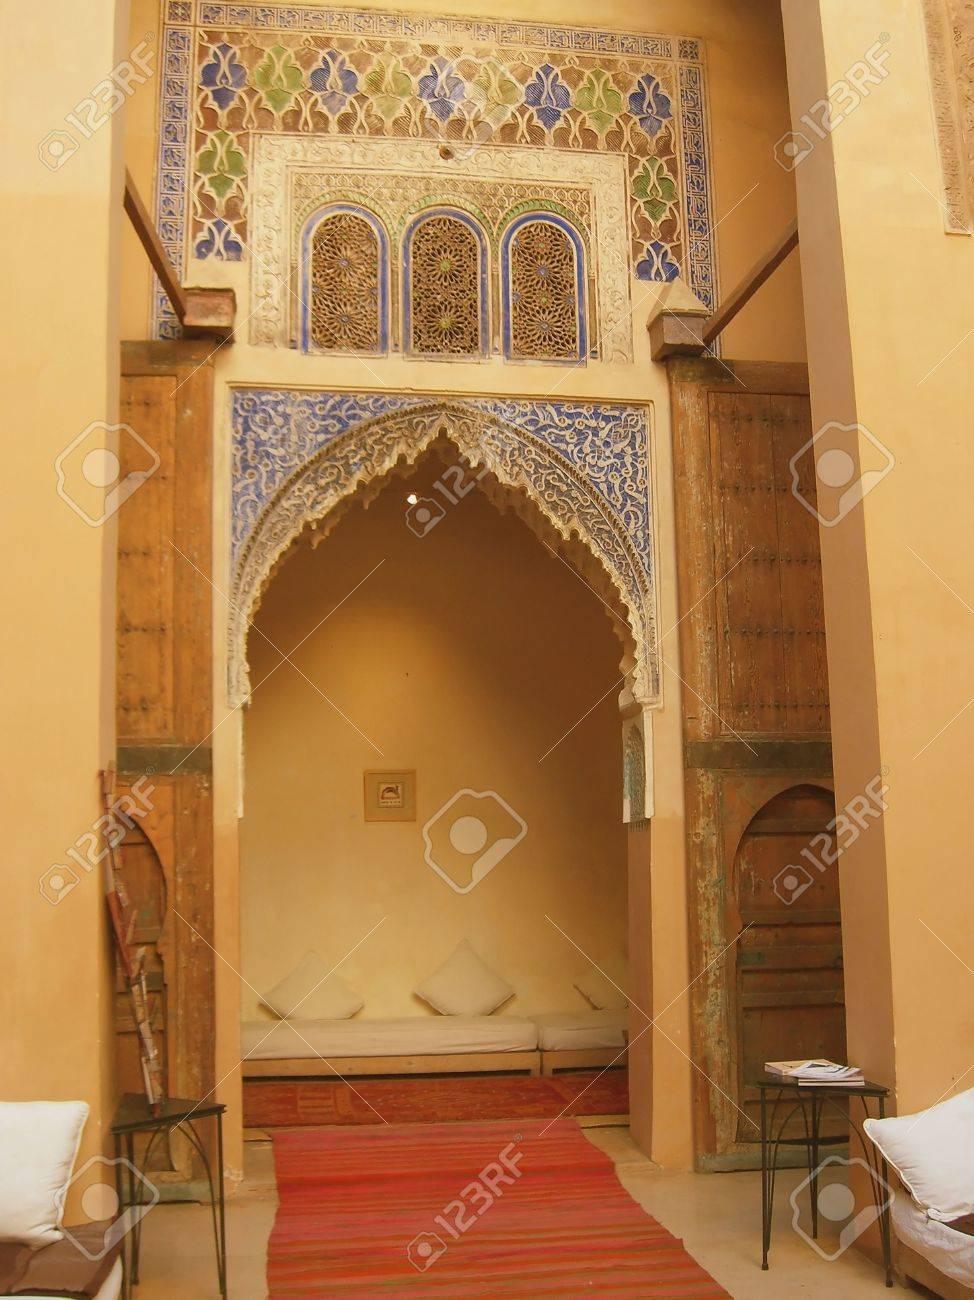 artistique dans la dcoration dintrieur marocain btiment banque dimages 4600830